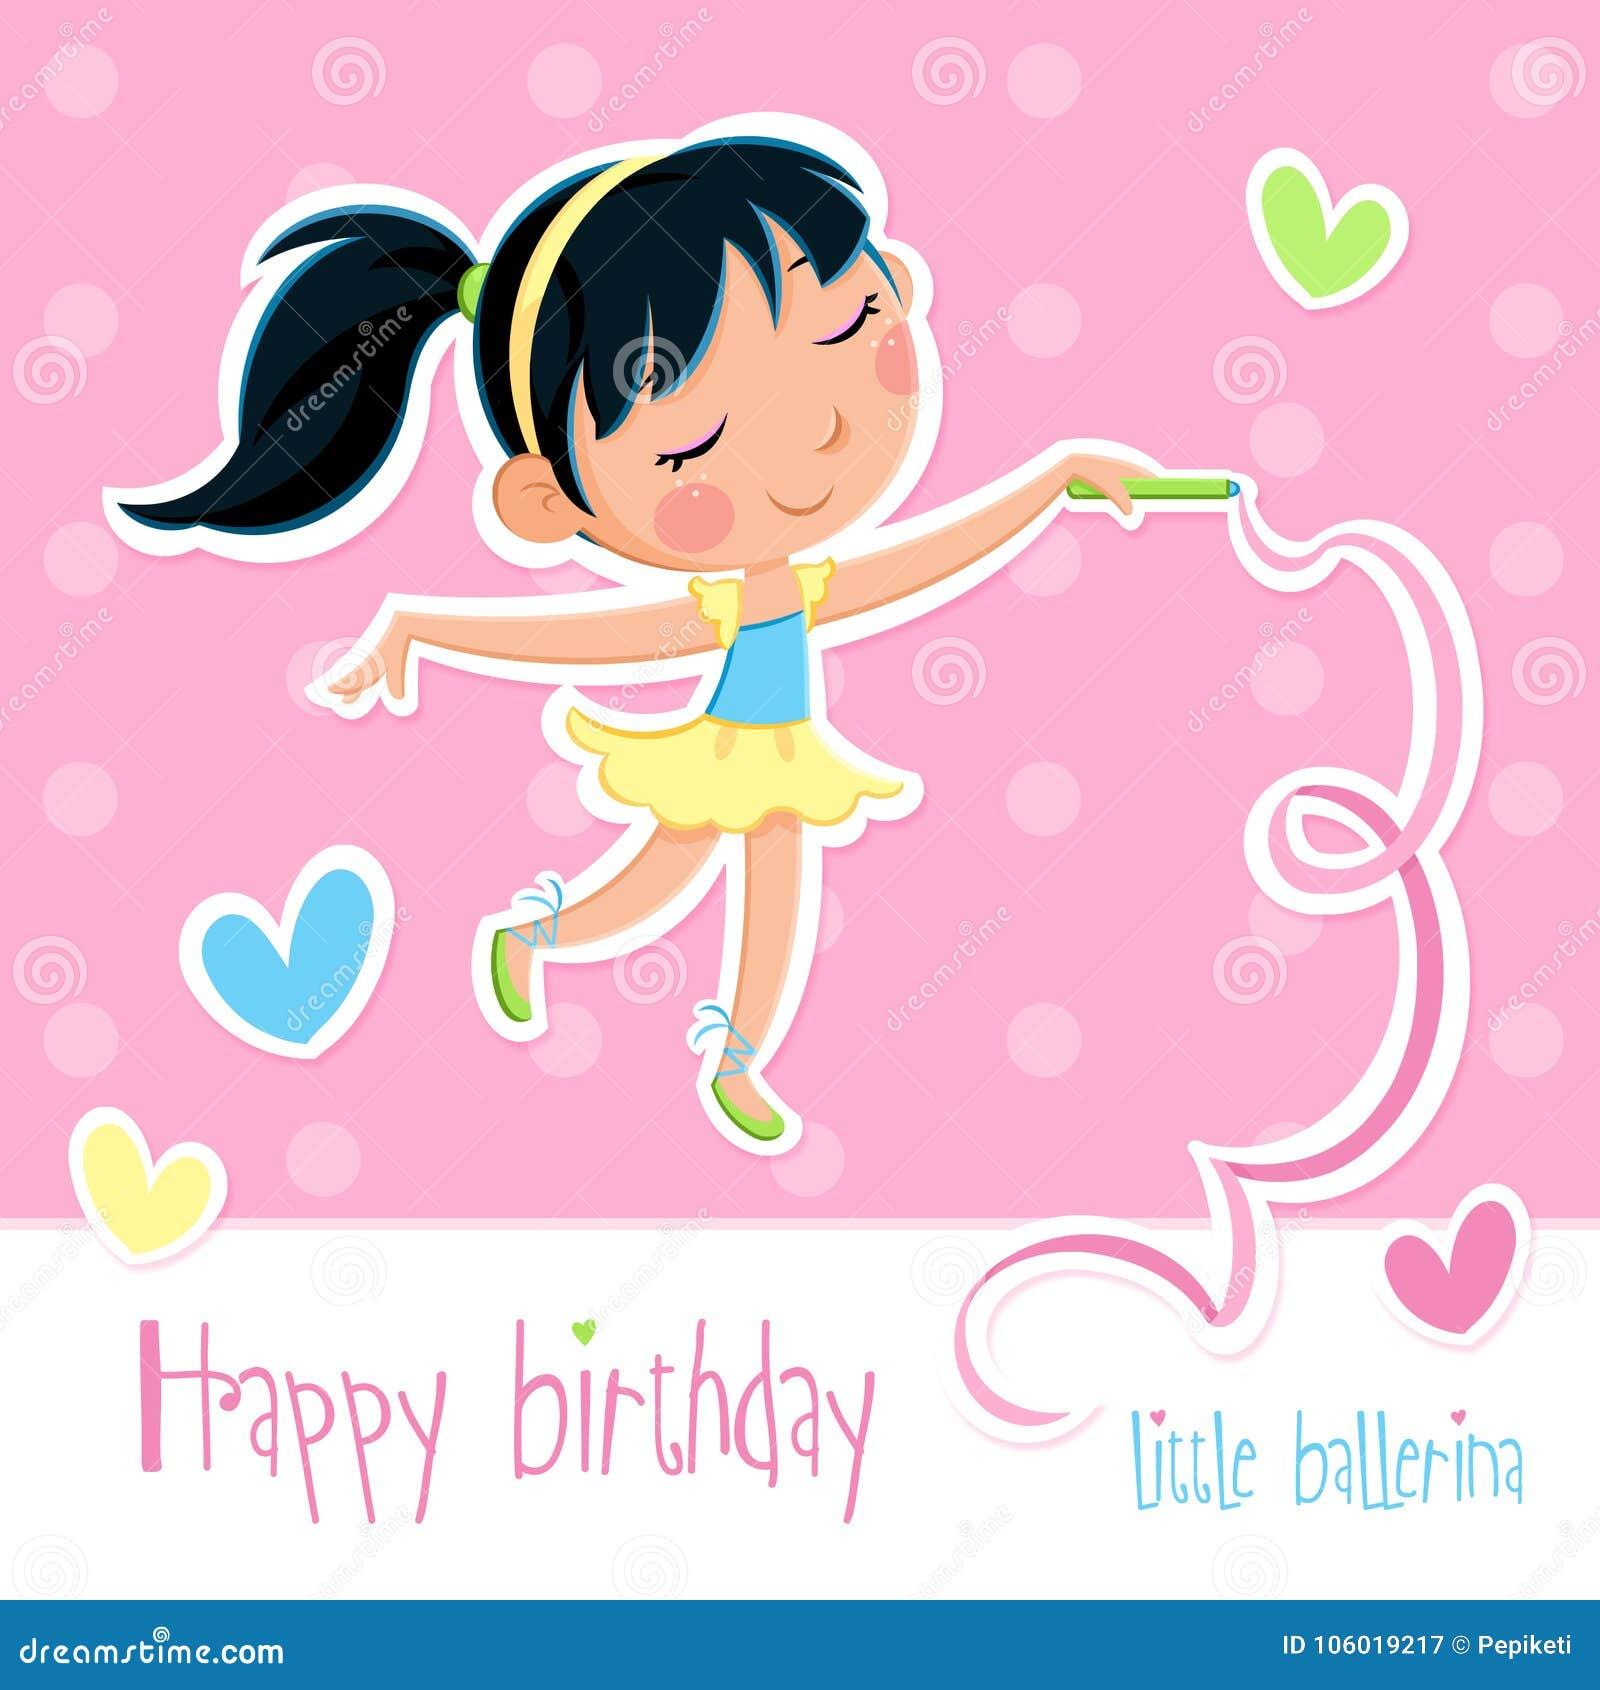 Carte De Joyeux Anniversaire Petite Fille Adorable De Ballerine Fond Rose Avec Des Points Et Des Coeurs Illustration Stock Illustration Du Fille Fond 106019217